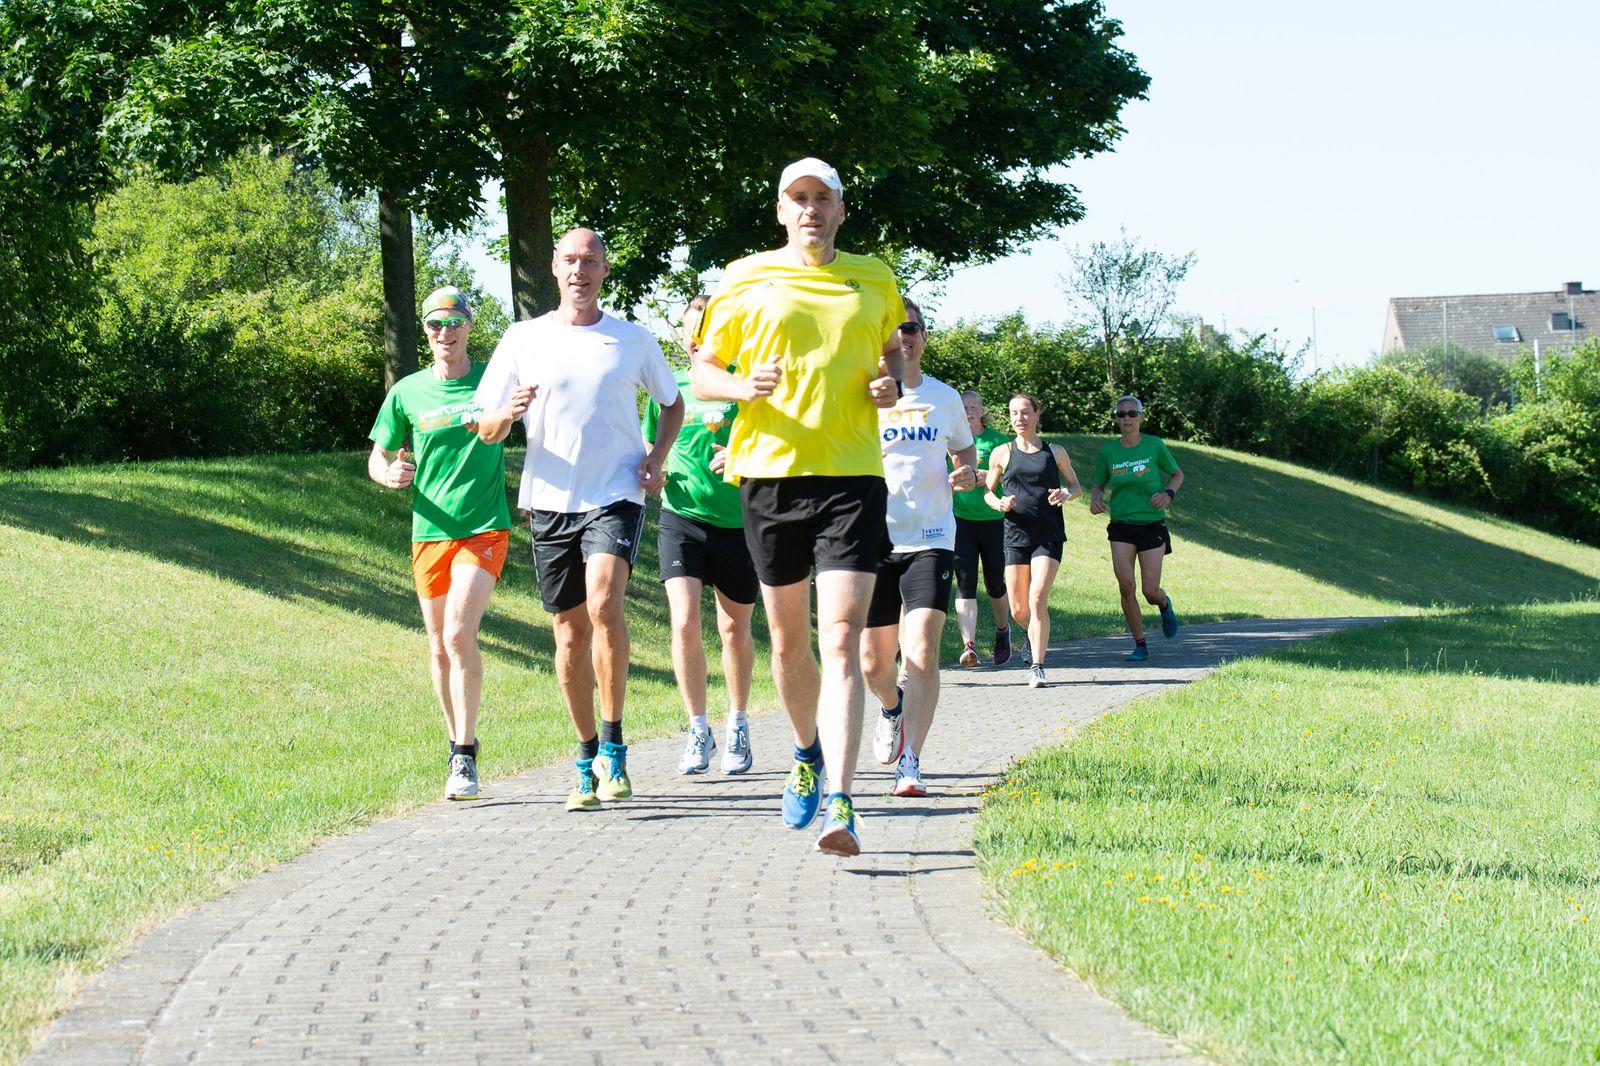 Laufcampus, Andreas Butz, laufen, joggen